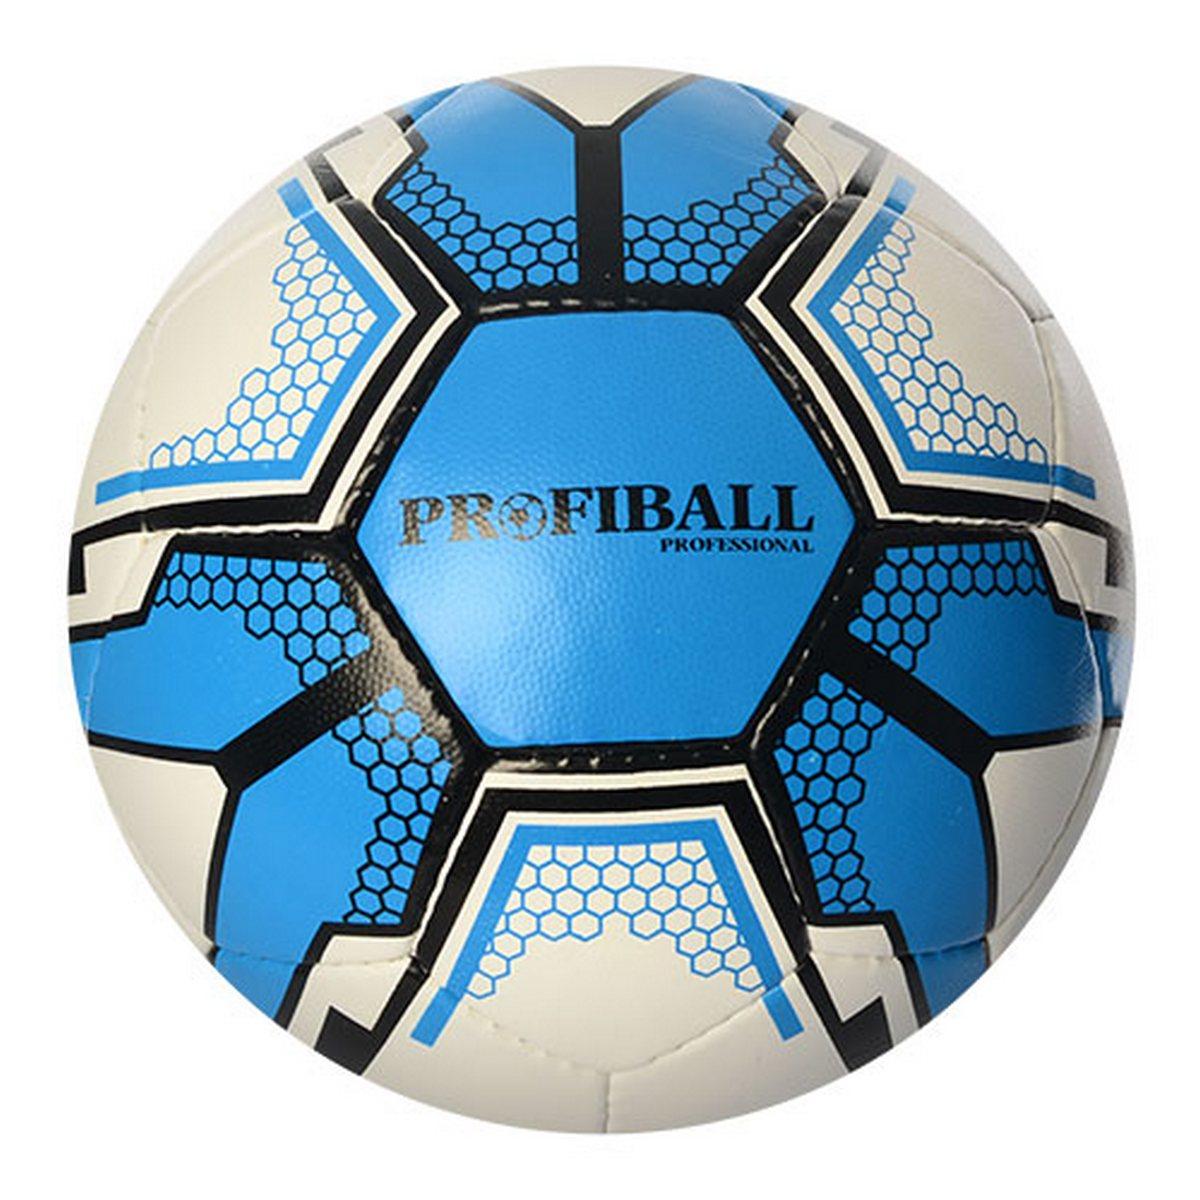 dd1d6e5e10a80c Футбольный мяч 3 цвета 3000/14ABC купить в Украине: цены, отзывы в ...